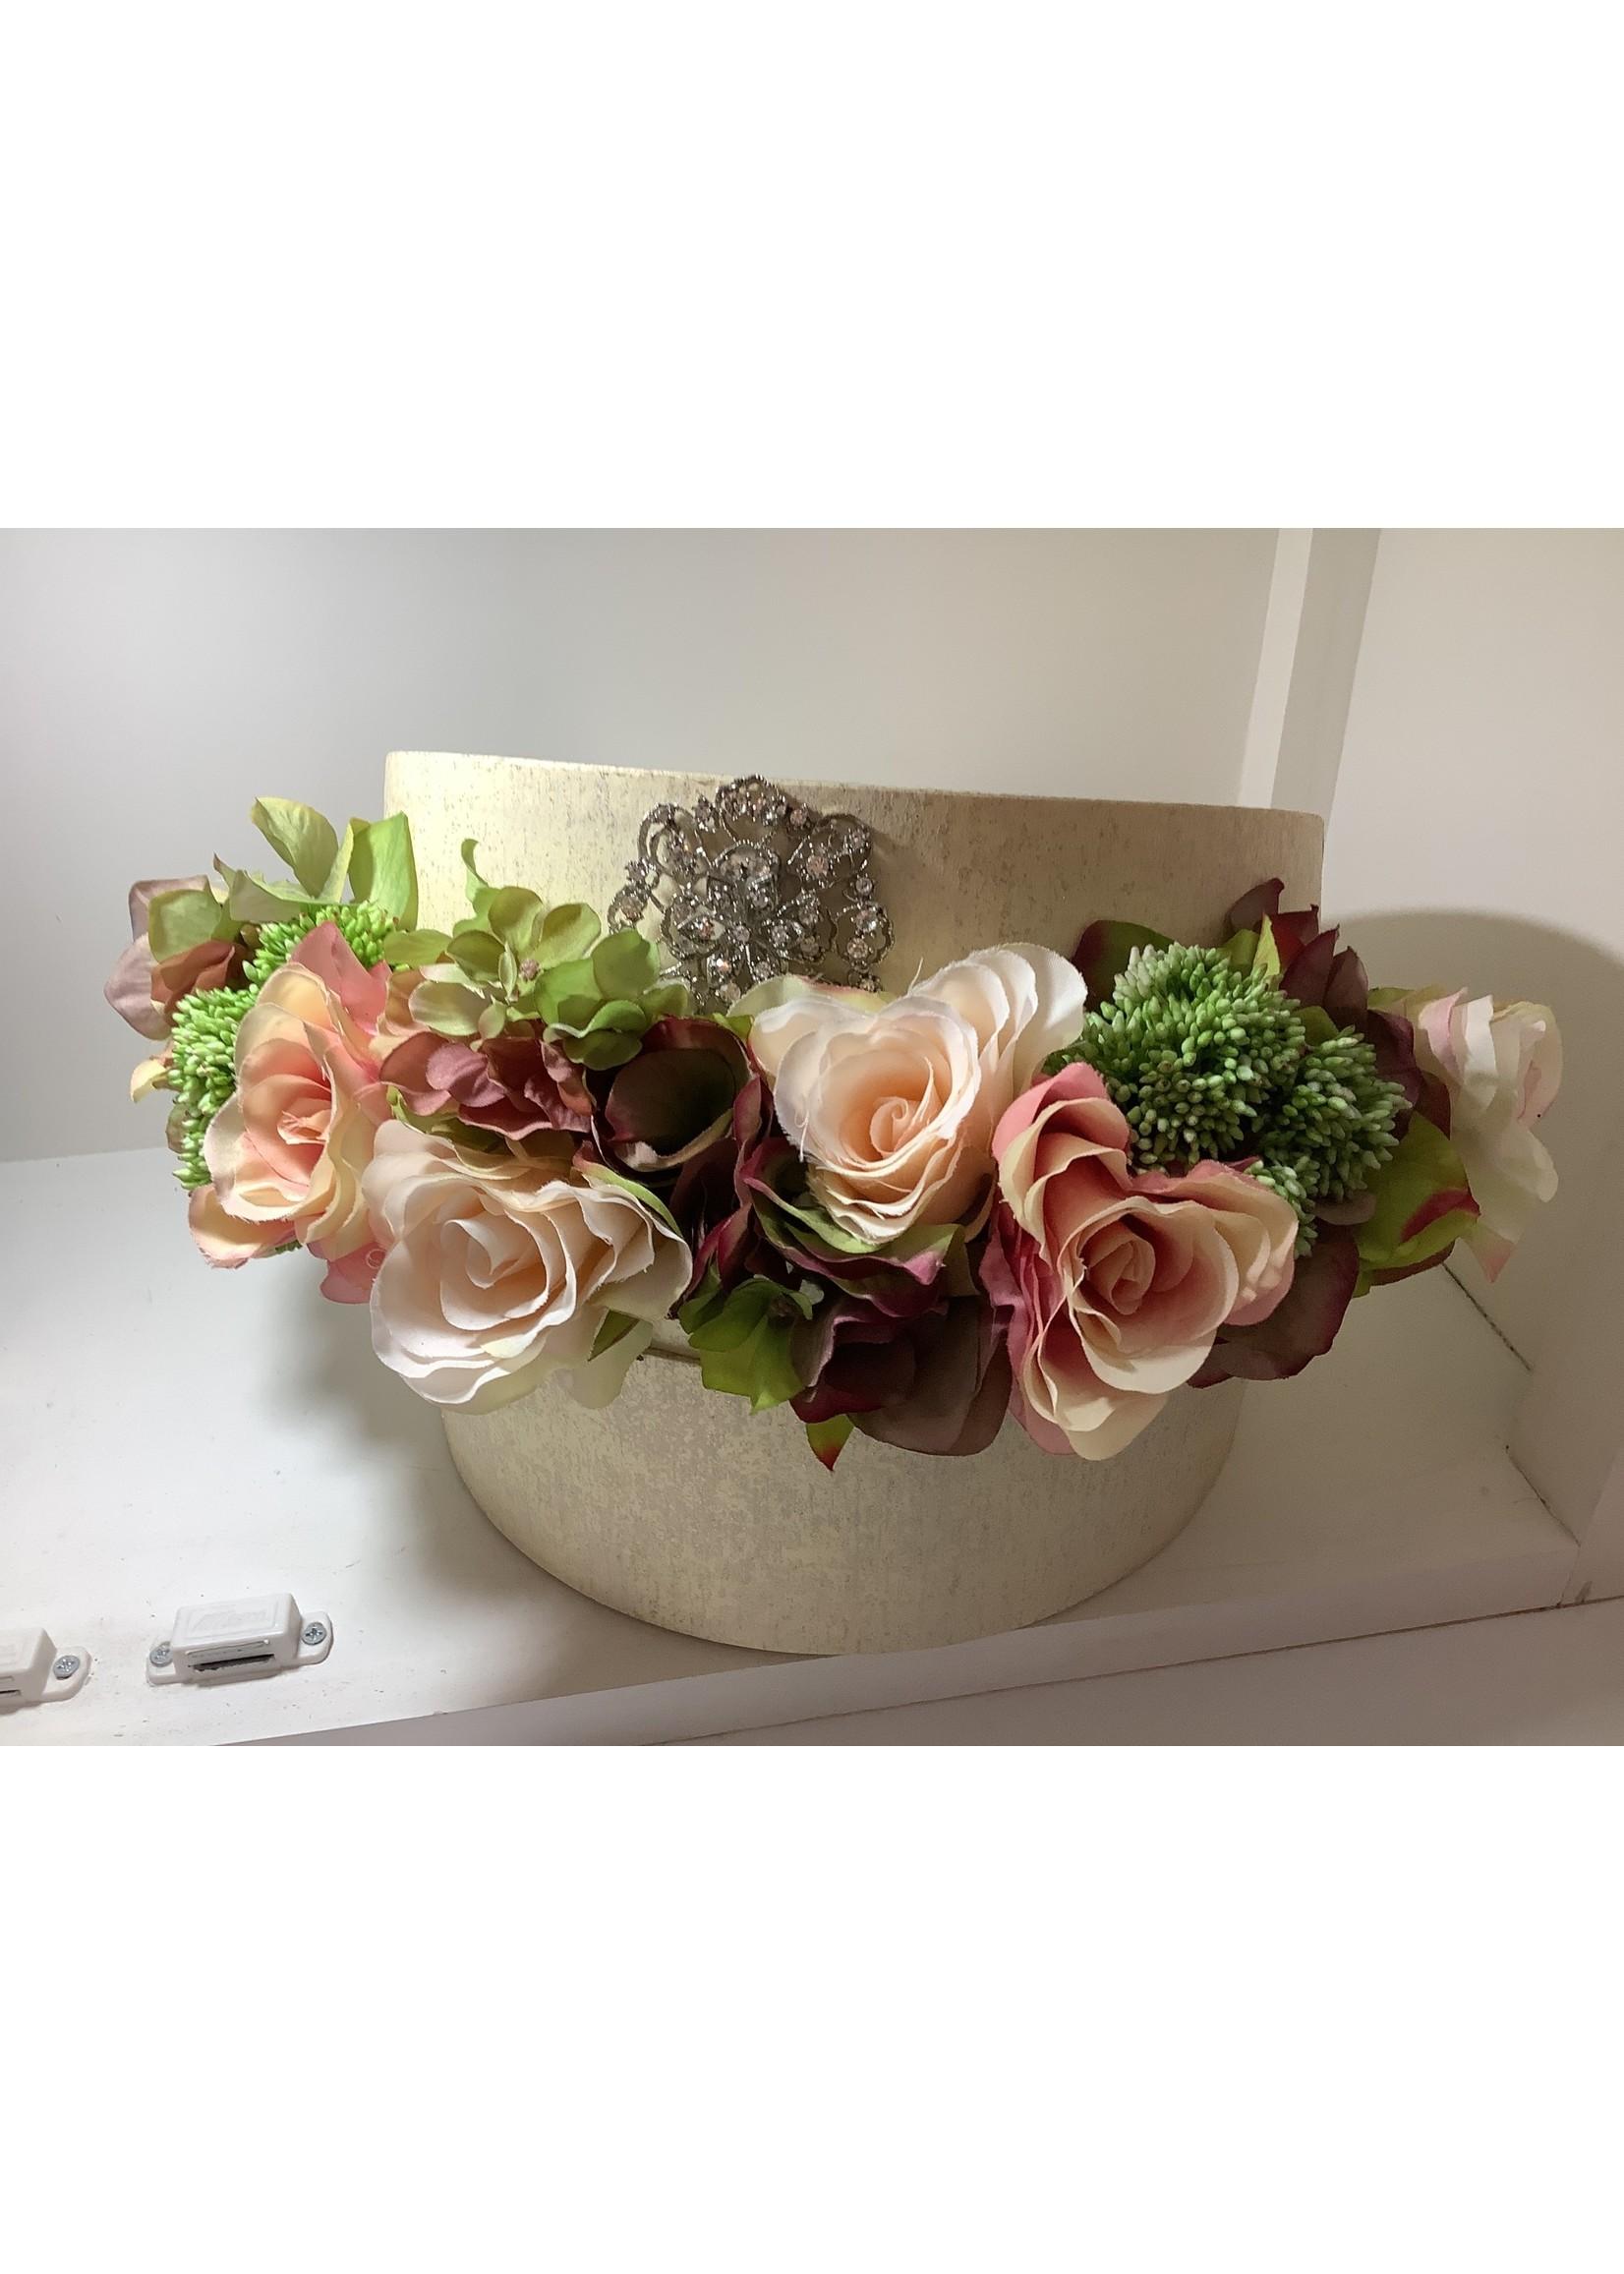 Artificial Hat Box Flower Arrangement Pink & Green 33X23CM